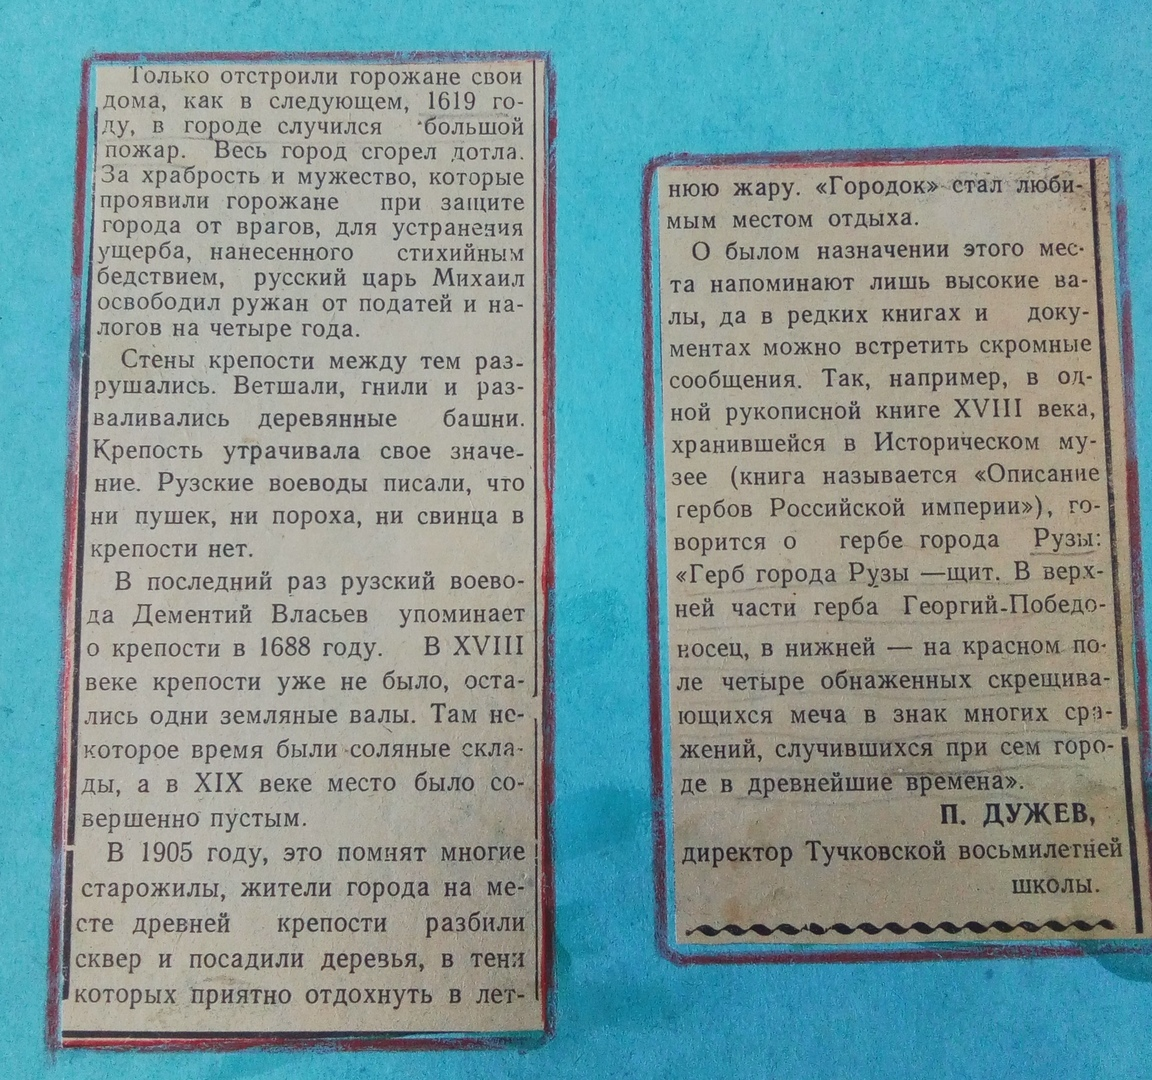 П.Ф.Дужев о Рузе, краевед,историк, директор 2-й Тучковский